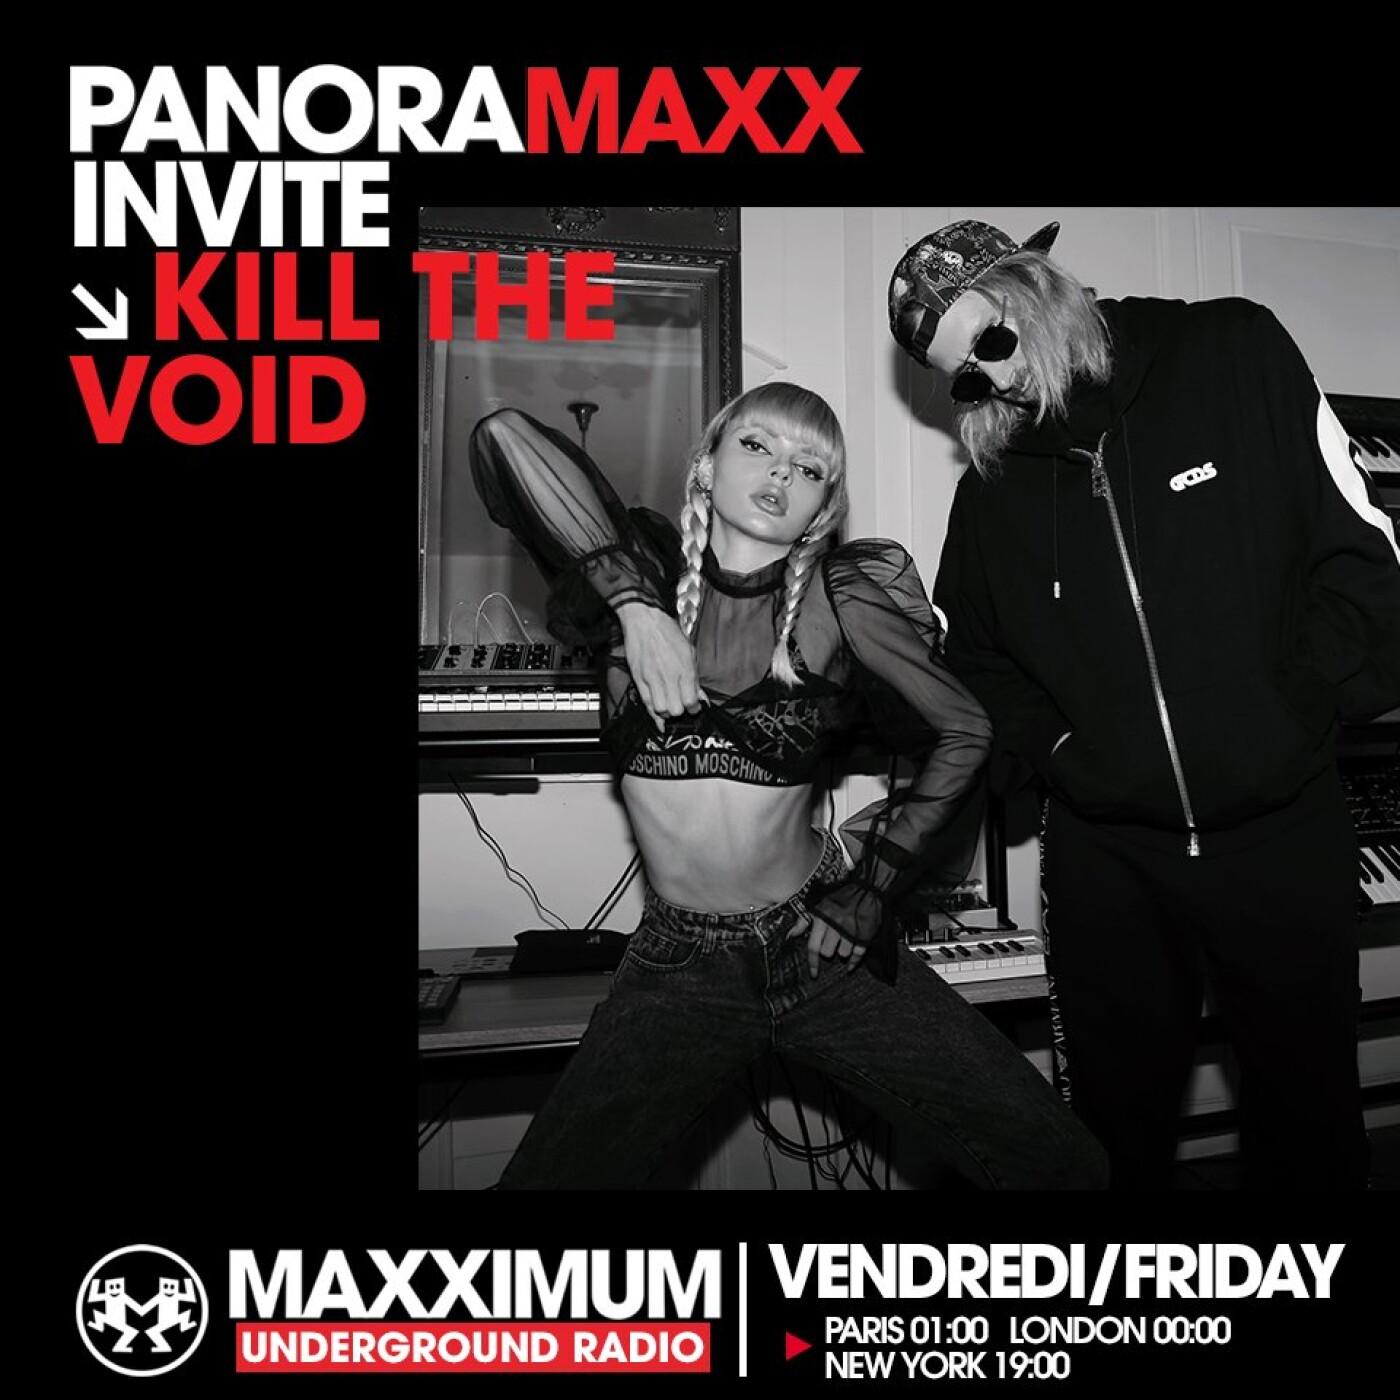 PANORAMAXX : KILL THE VOID